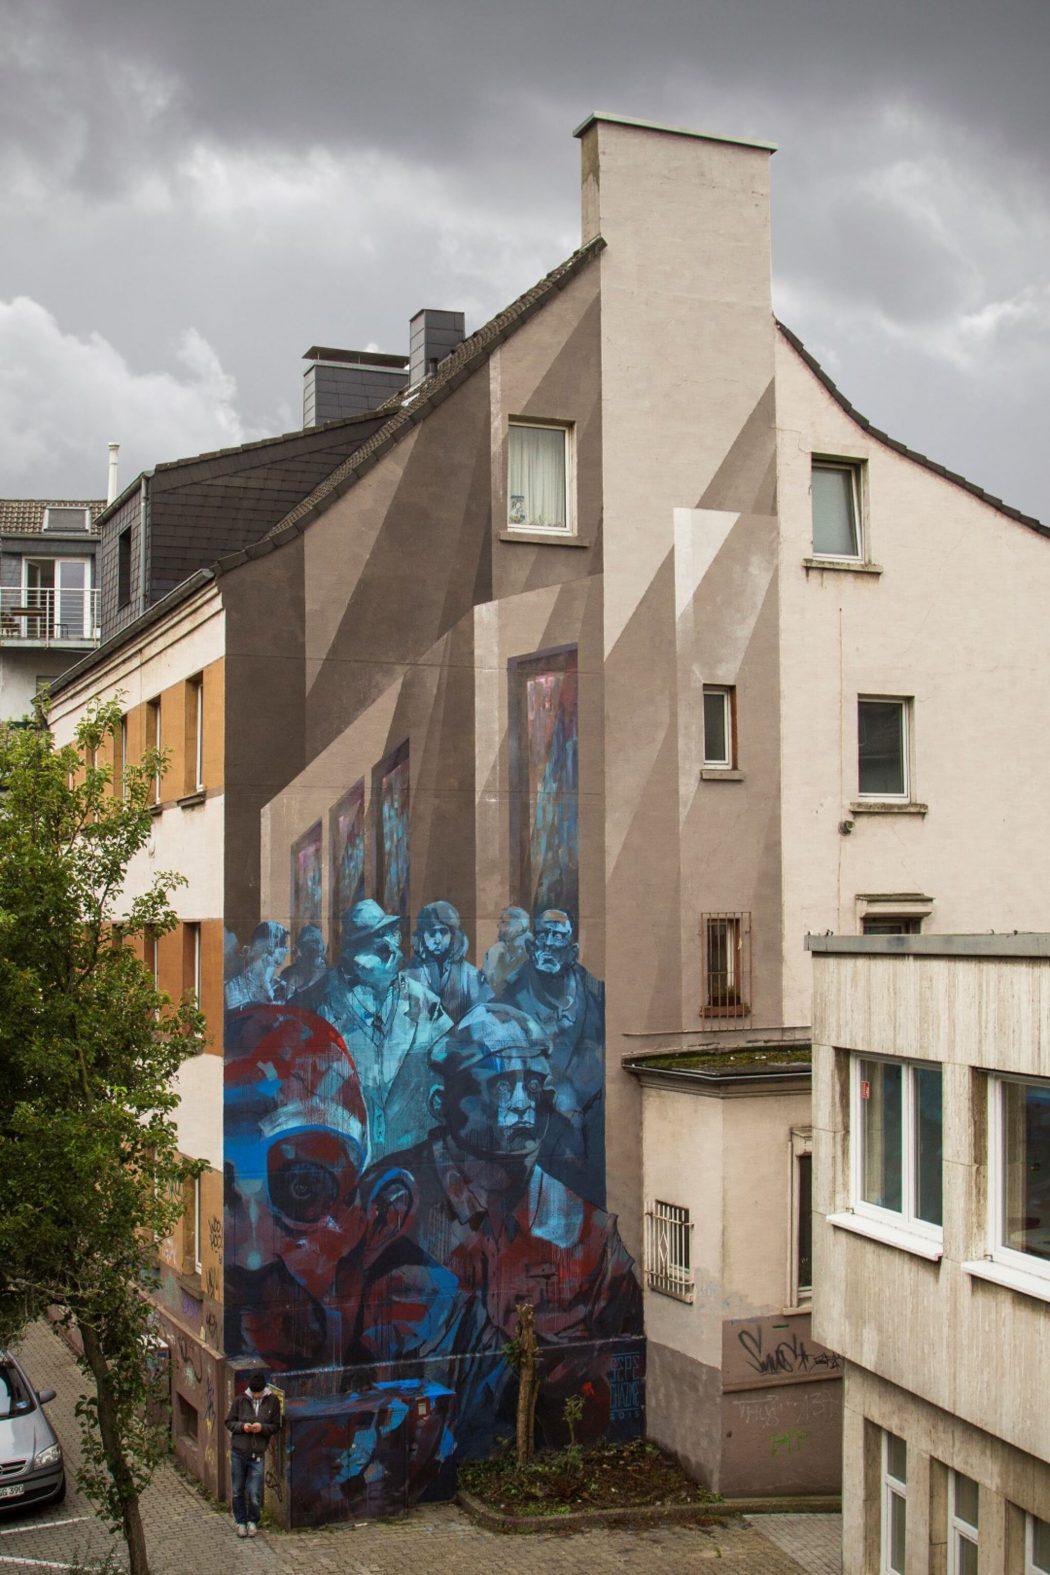 Das Foto zeigt Street Art in Dortmund in Form des Murals der polnischen Künstler Sepe & Chazme